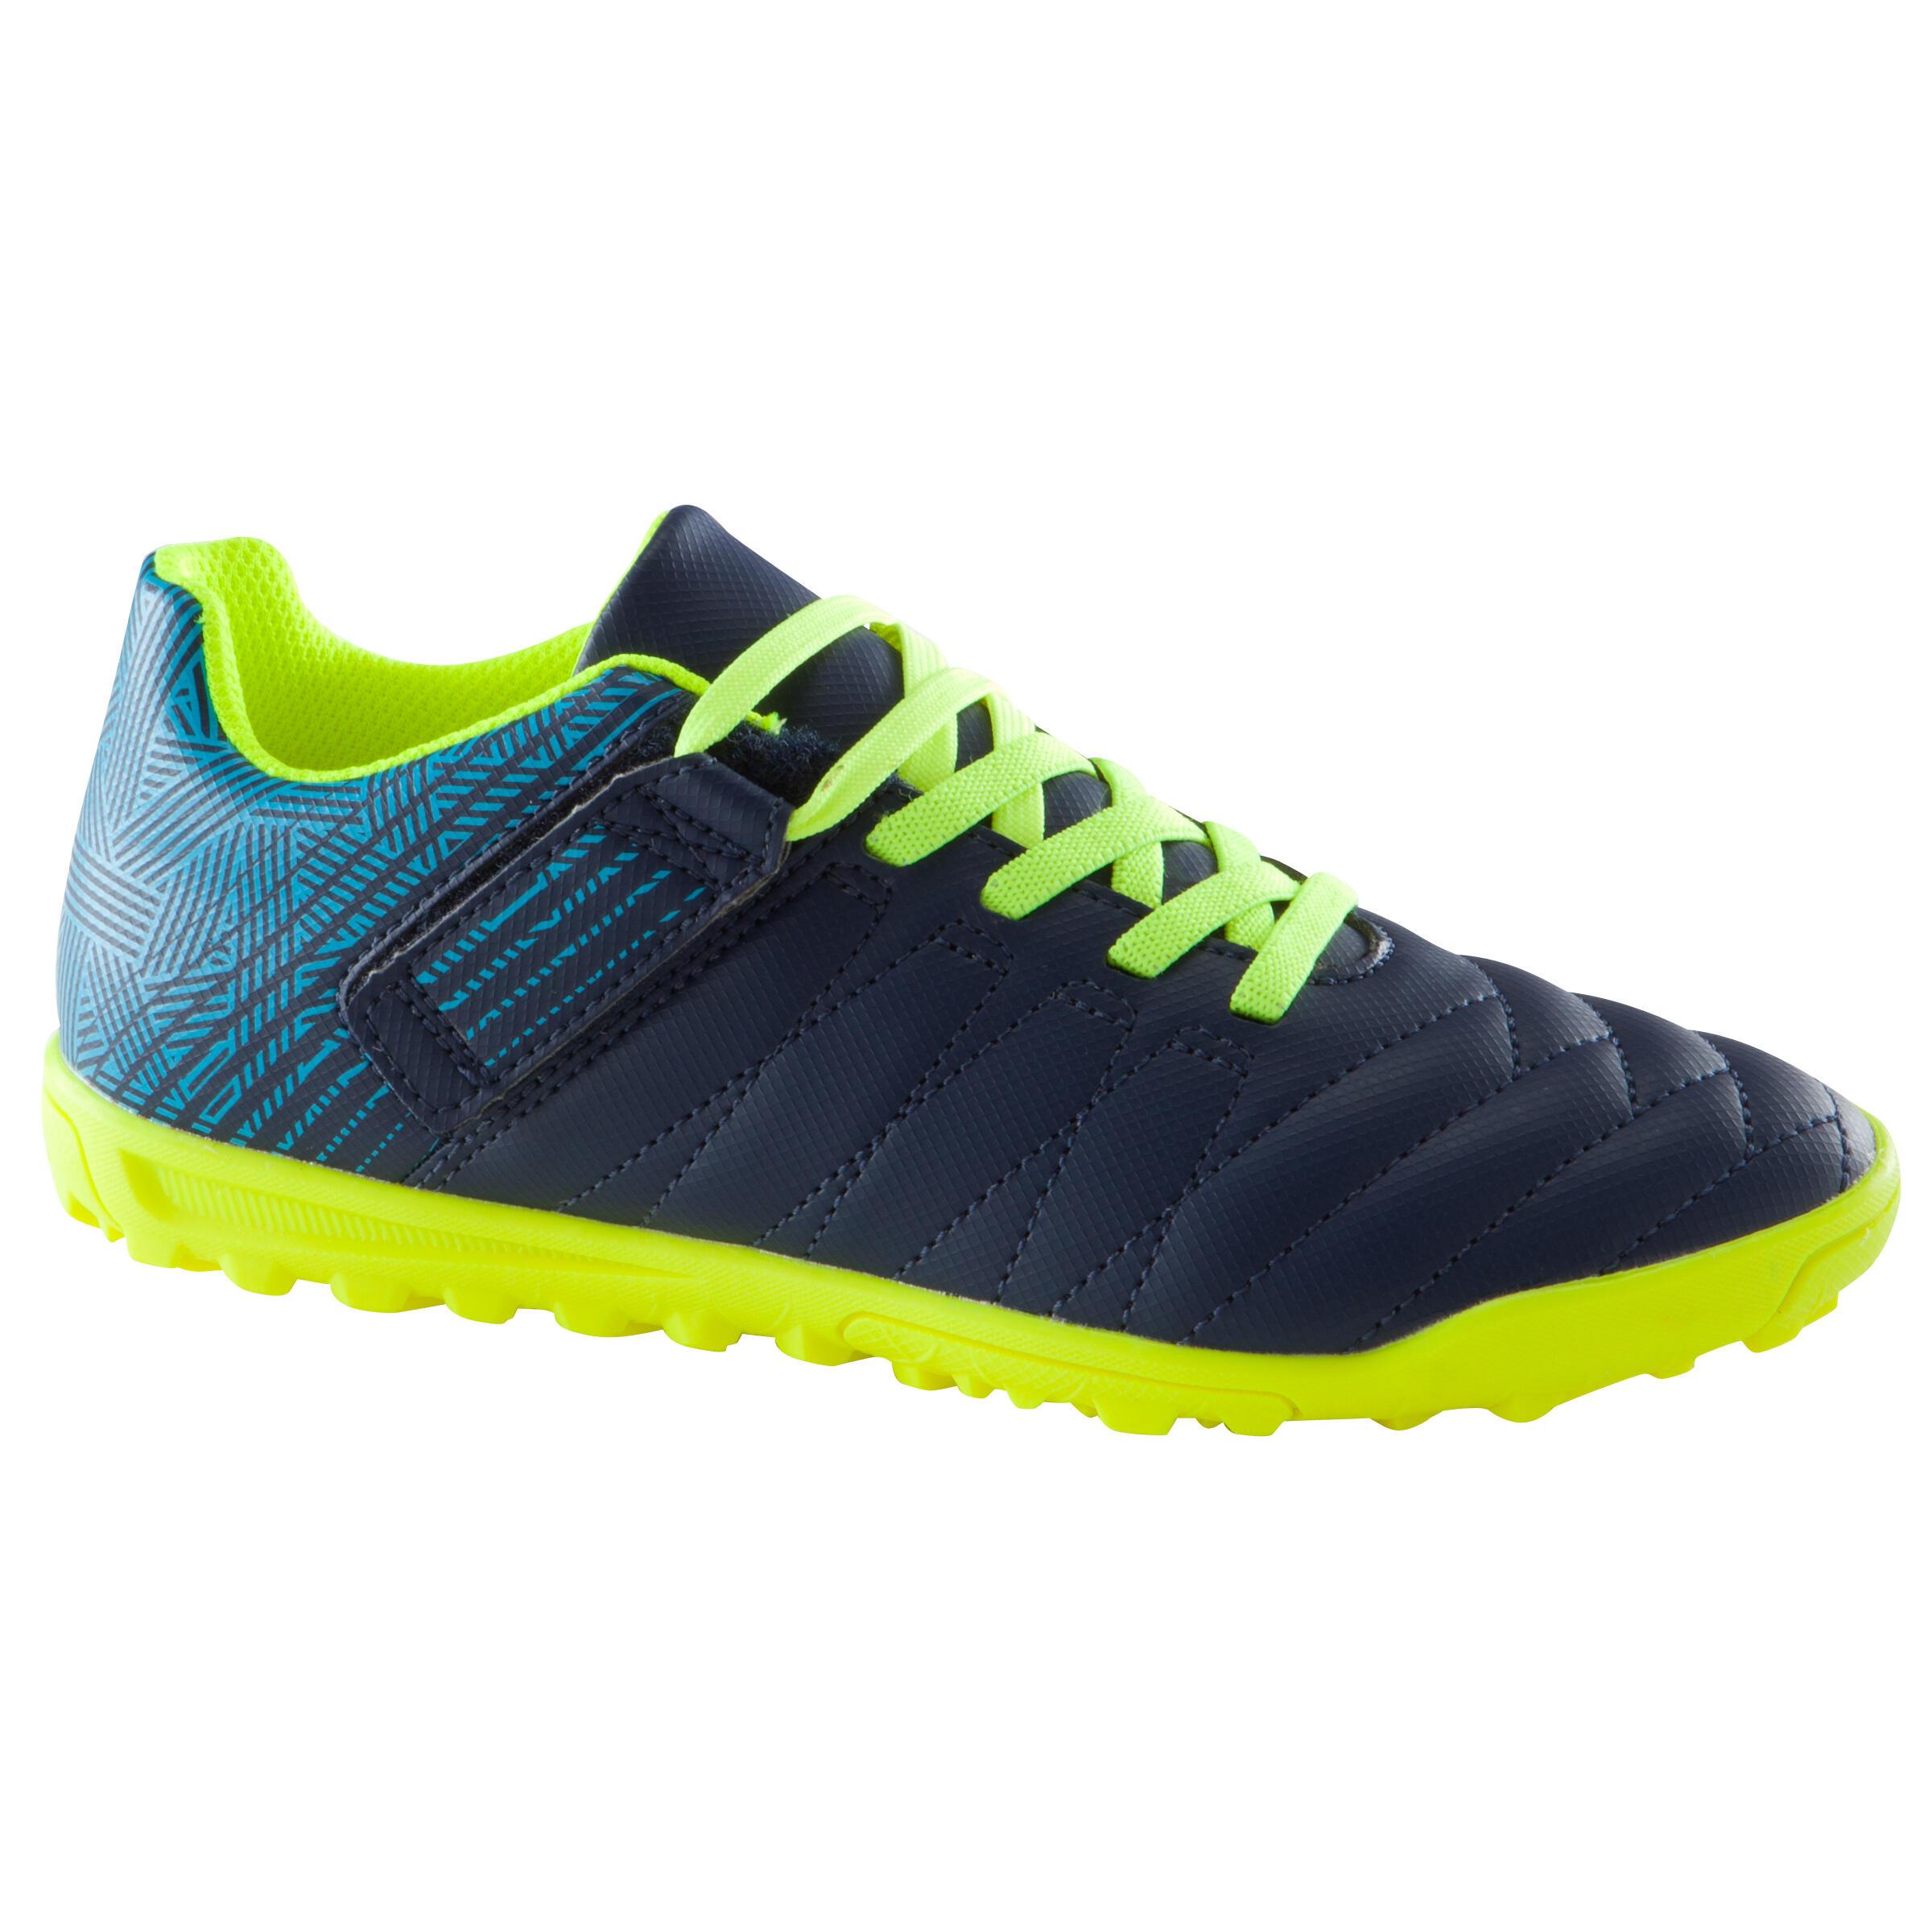 Chaussure de soccer enfant terrains durs CLR 500 HG à velcro bleue jaune